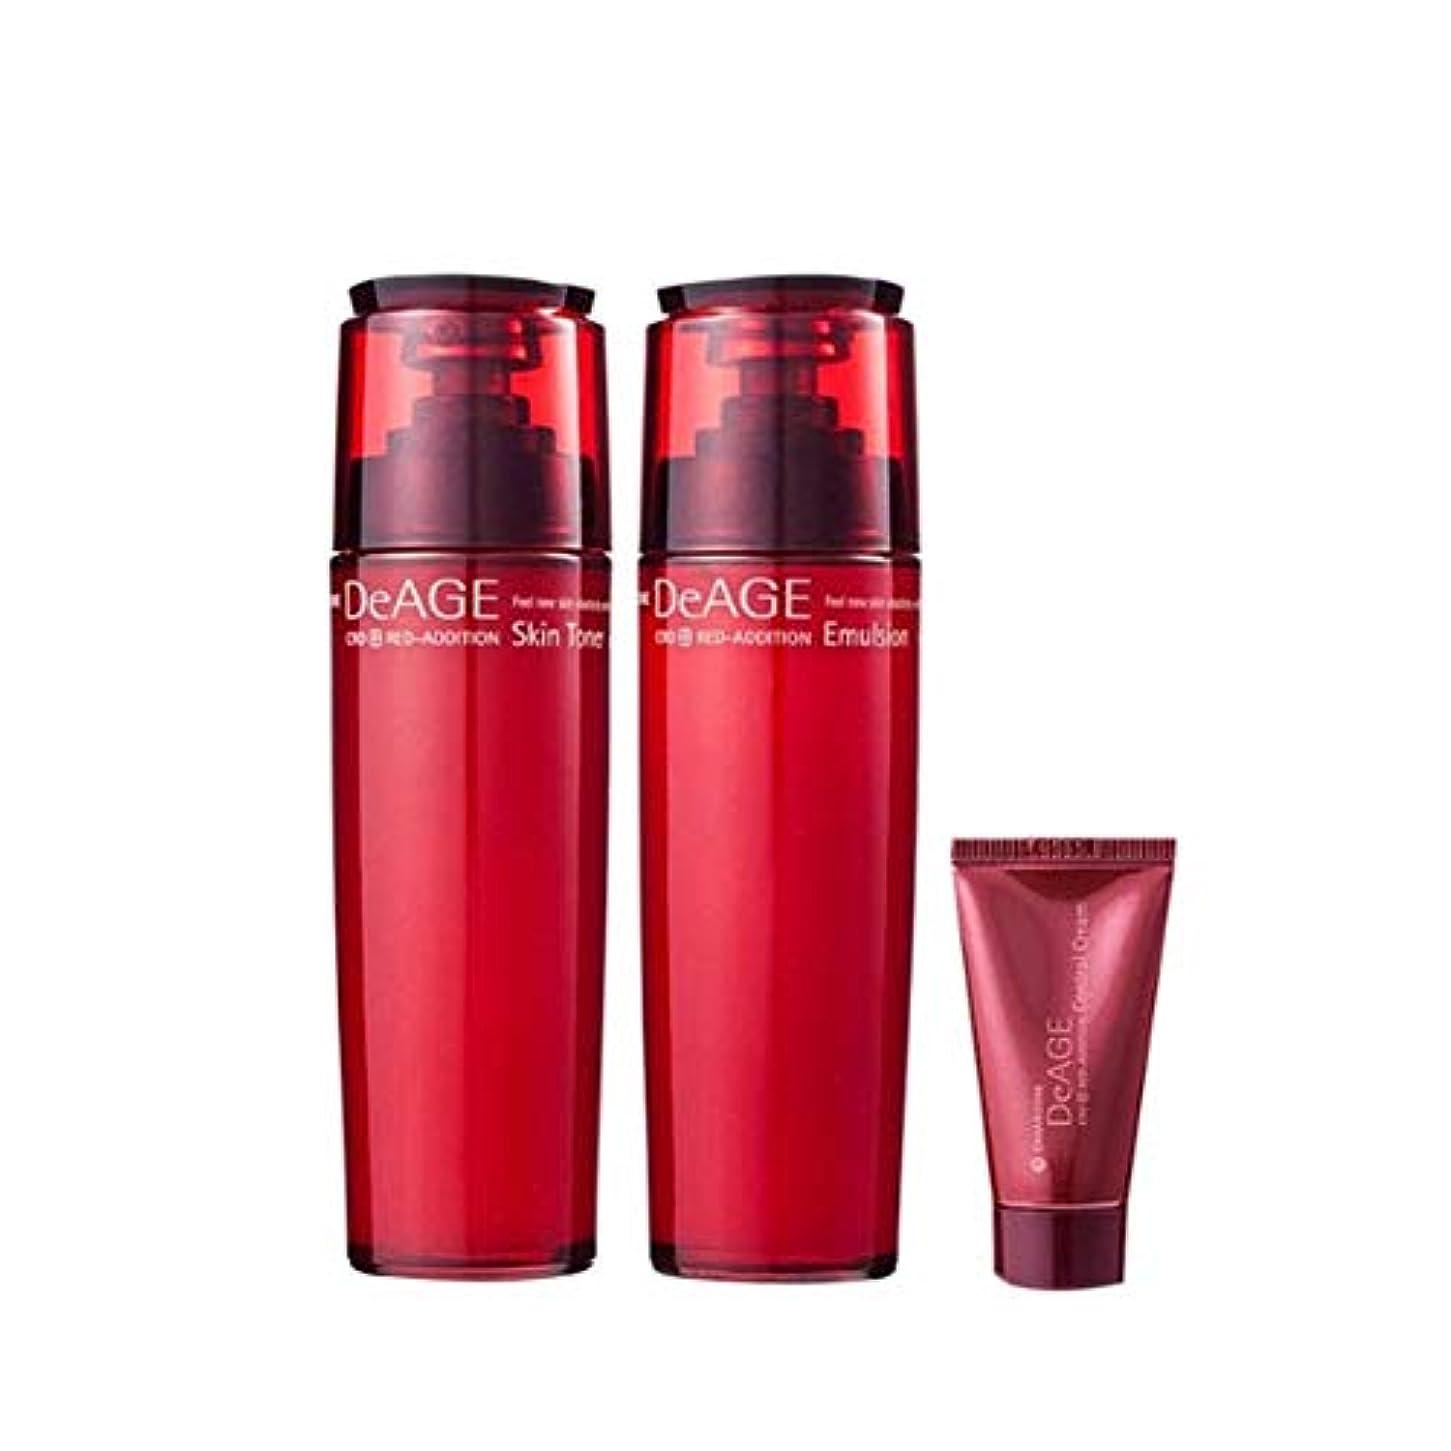 エンコミウム確かめる申込みチャムジョンディエイジレッドエディションセット(スキントナー130ml、エマルジョン130ml、コントロールクリーム15ml)、Charmzone DeAGE Red Addition Set(Skin Toner 130ml...